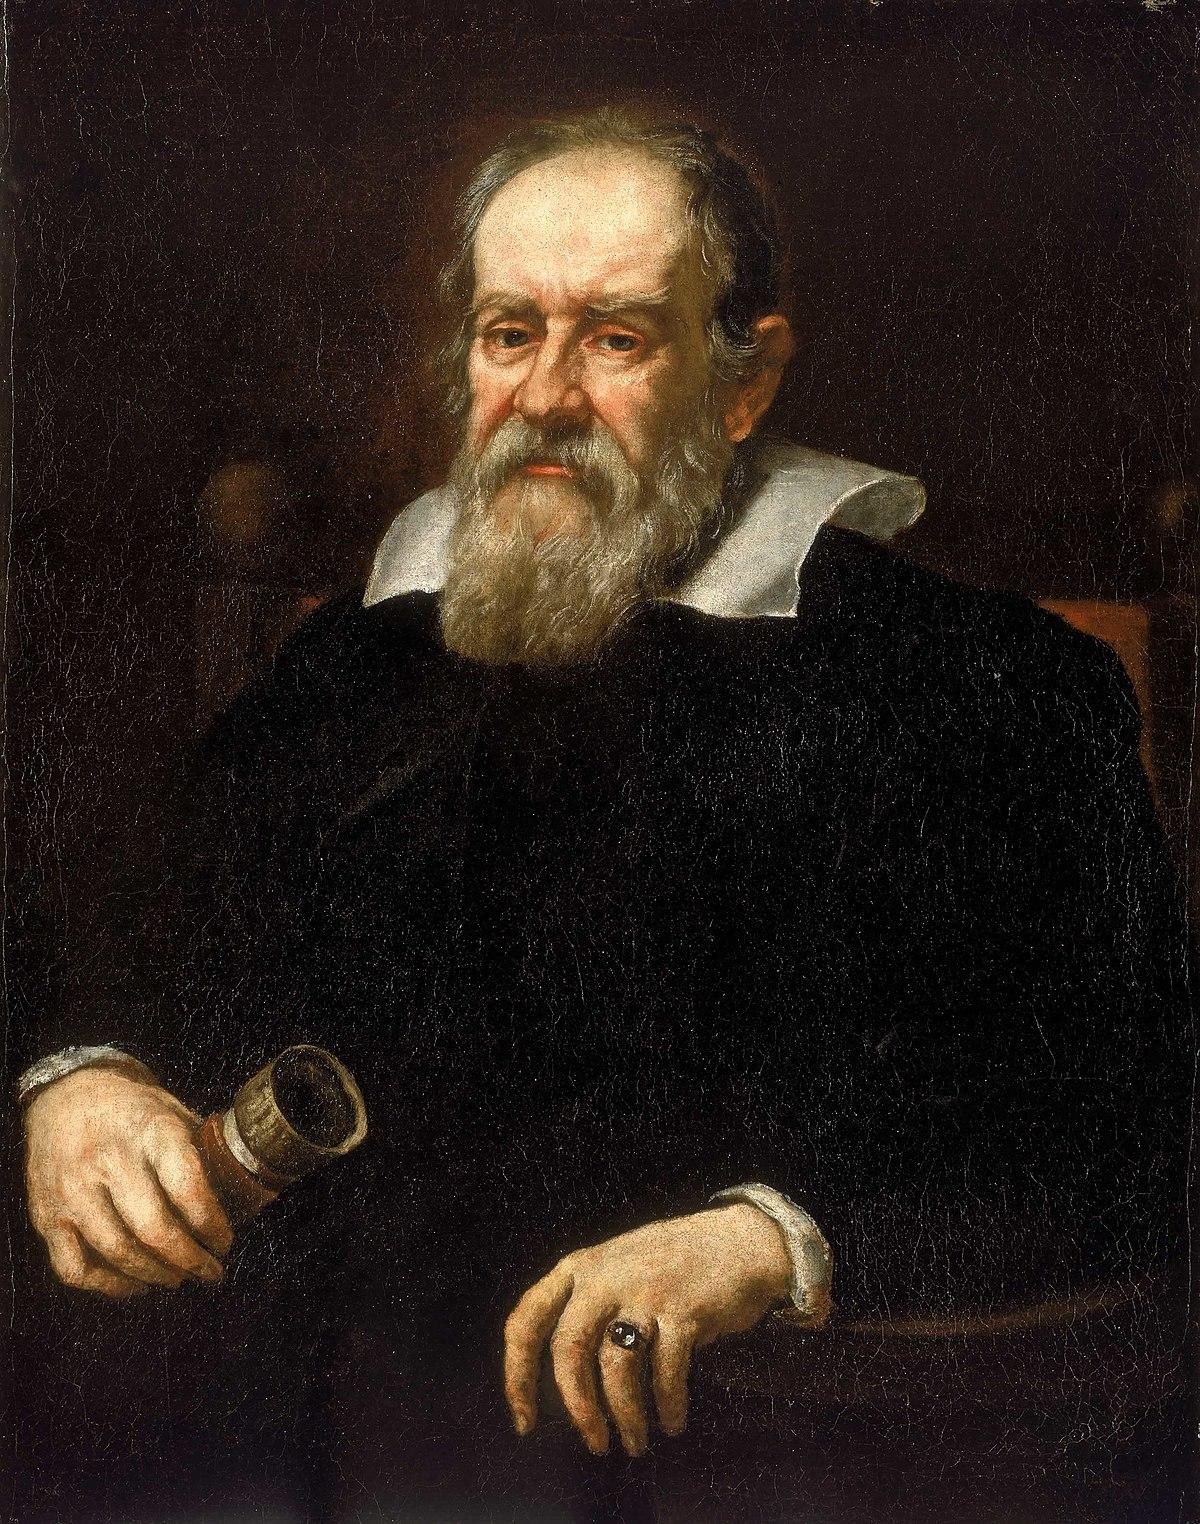 Qui A Découvert Que La Terre Est Ronde : découvert, terre, ronde, Galilée, (savant), Wikipédia